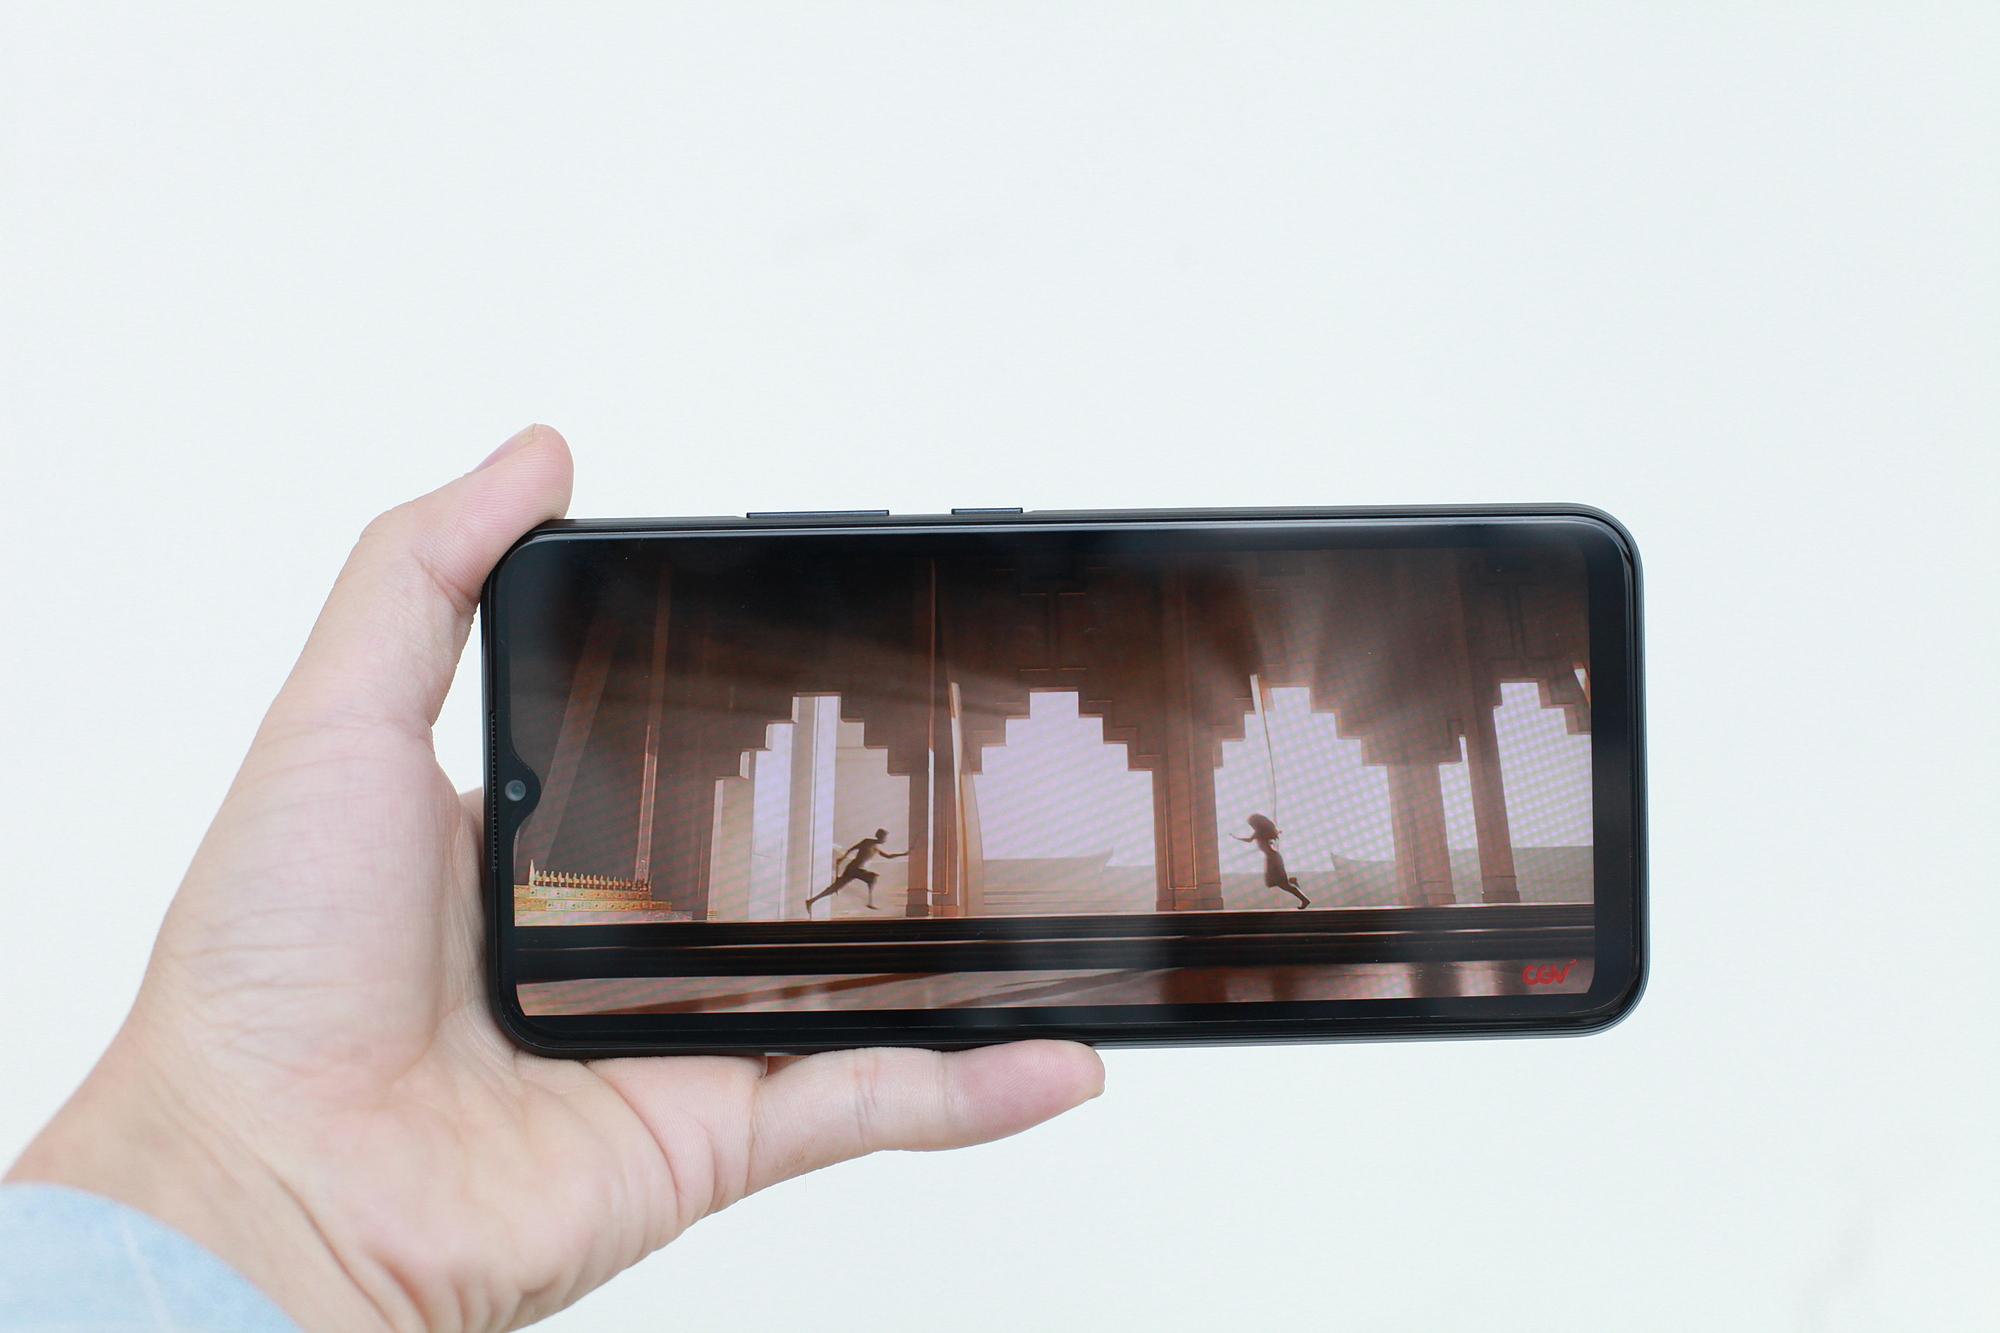 Tấm nền IPS độ phân giải HD+ cùng mặt kính gorilla glass 5 giúp bảo vệ máy, hạn chế trầy xước. Máy được bo tròn bốn góc mang đến dáng vẻ chắc chắn. Ảnh: Khương Nha.